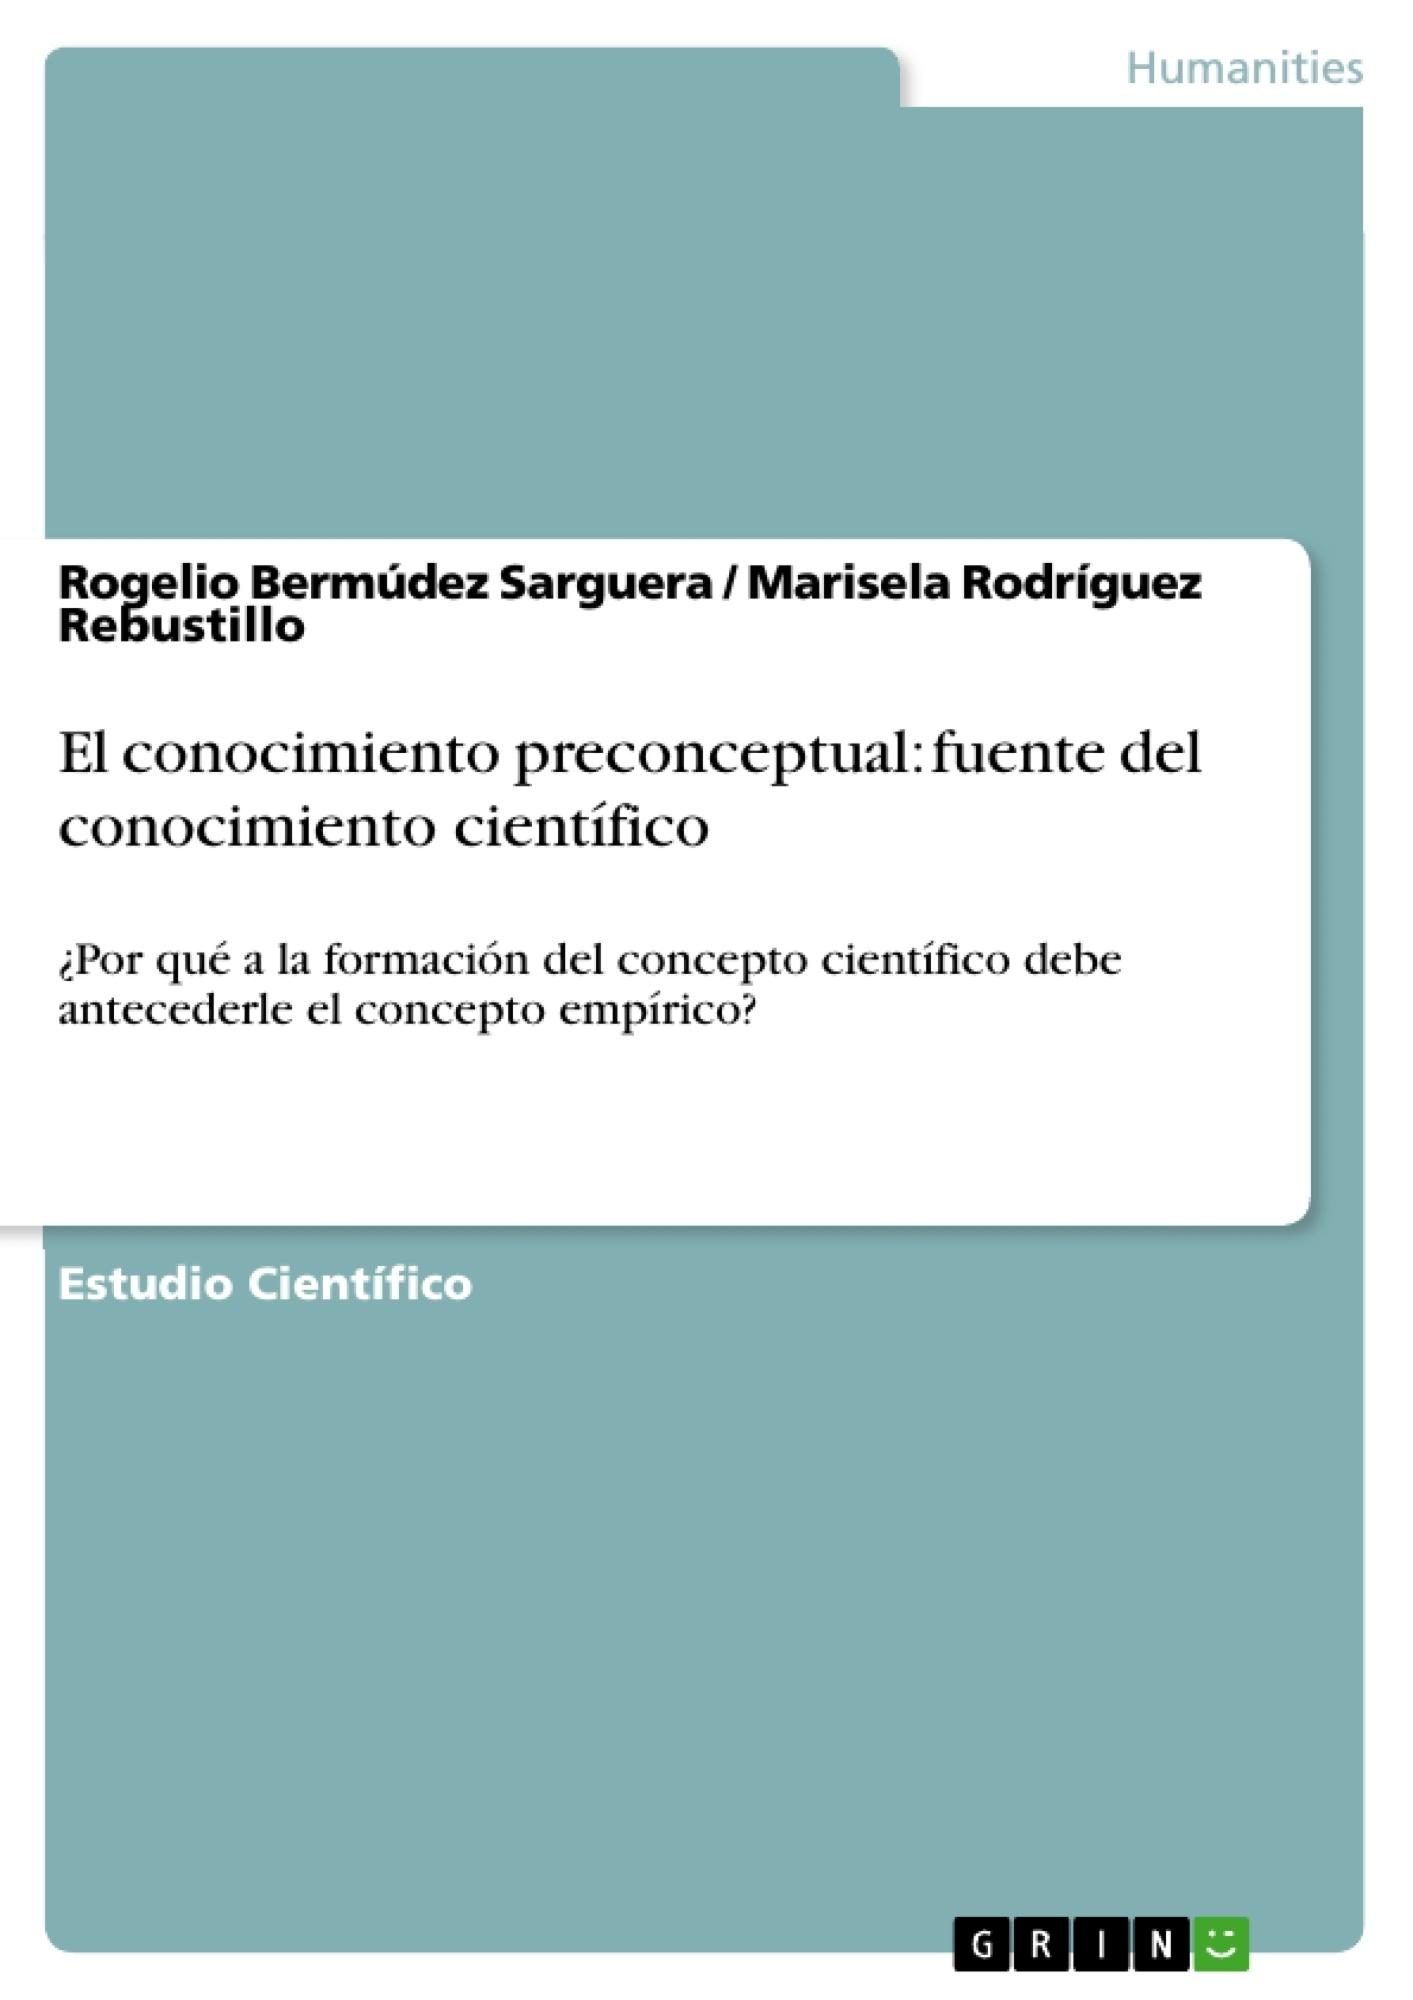 Título: El conocimiento preconceptual: fuente del conocimiento científico